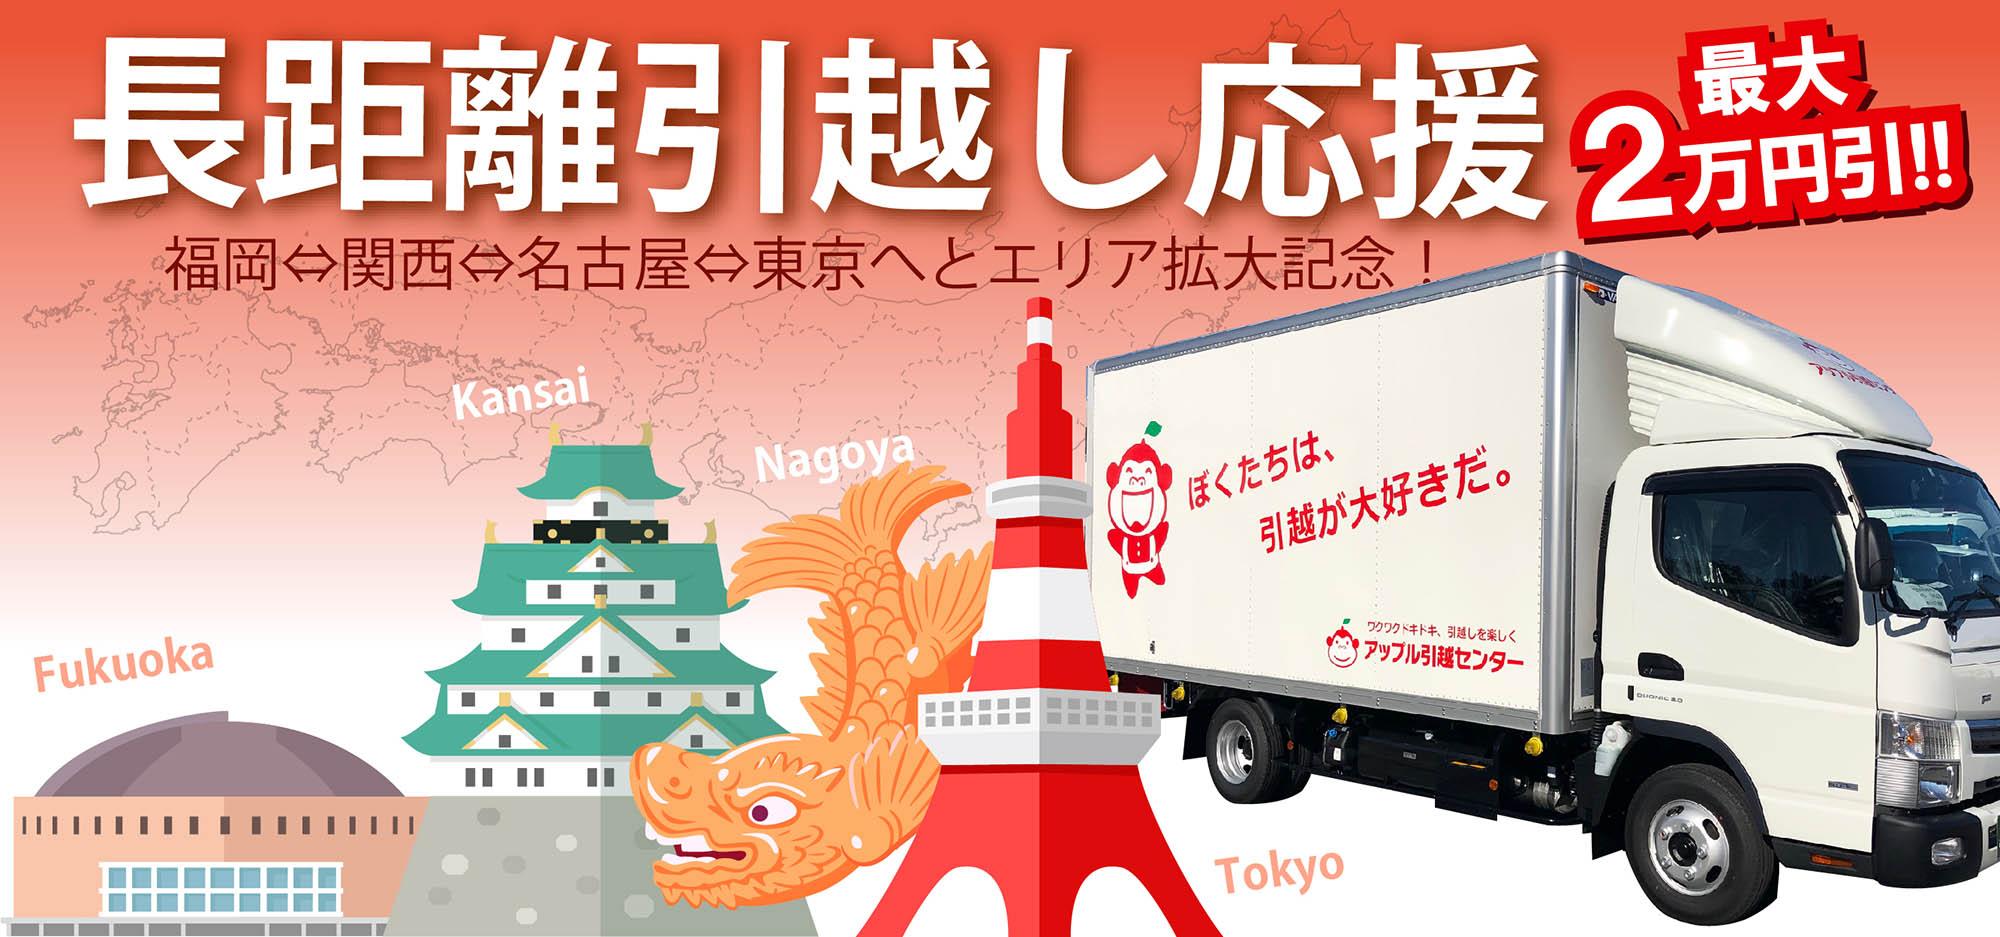 <1万円引越し>ラクニコス誕生3周年、利用者11万人突破キャンペーン!